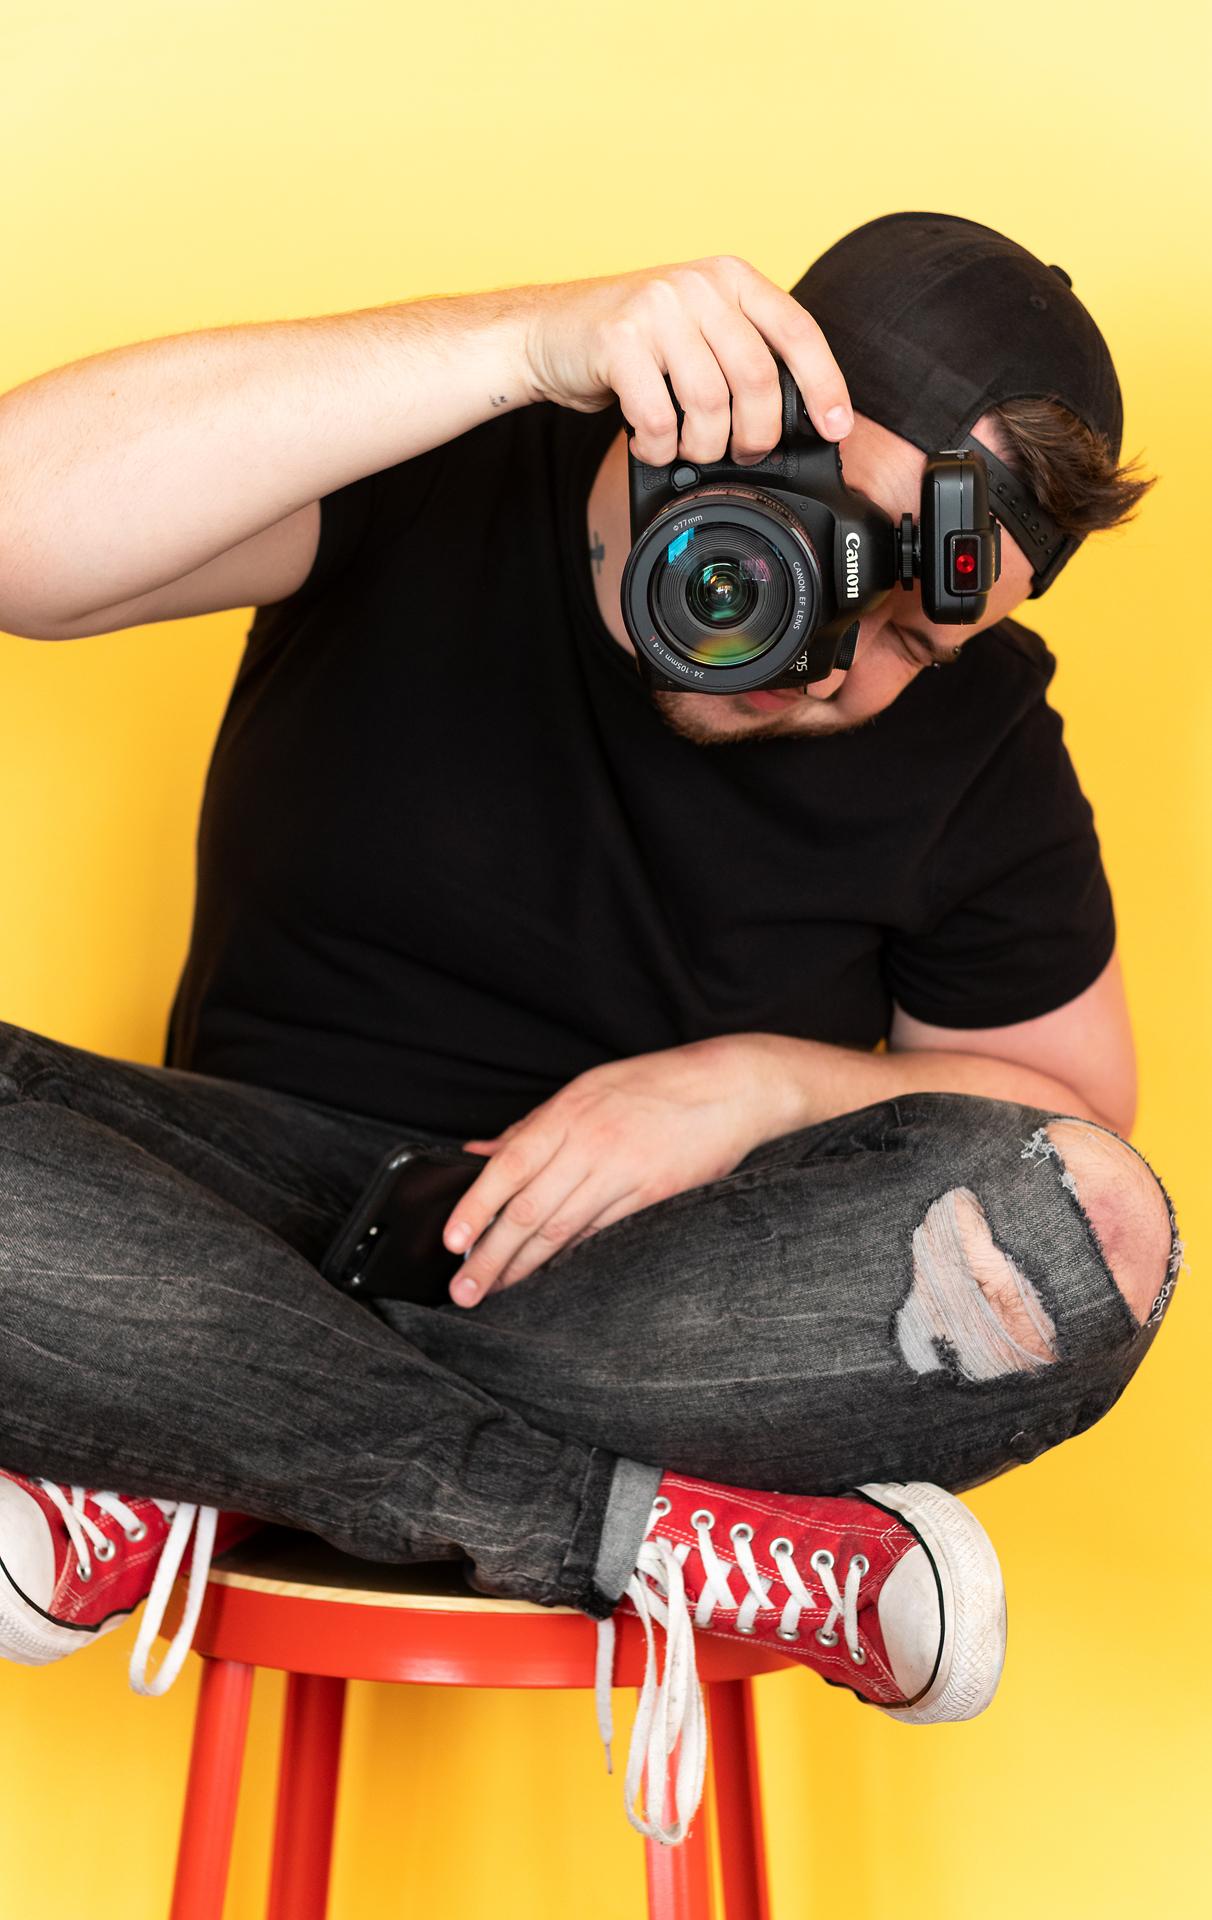 Yellow Red Chucks Camera 4556.jpg